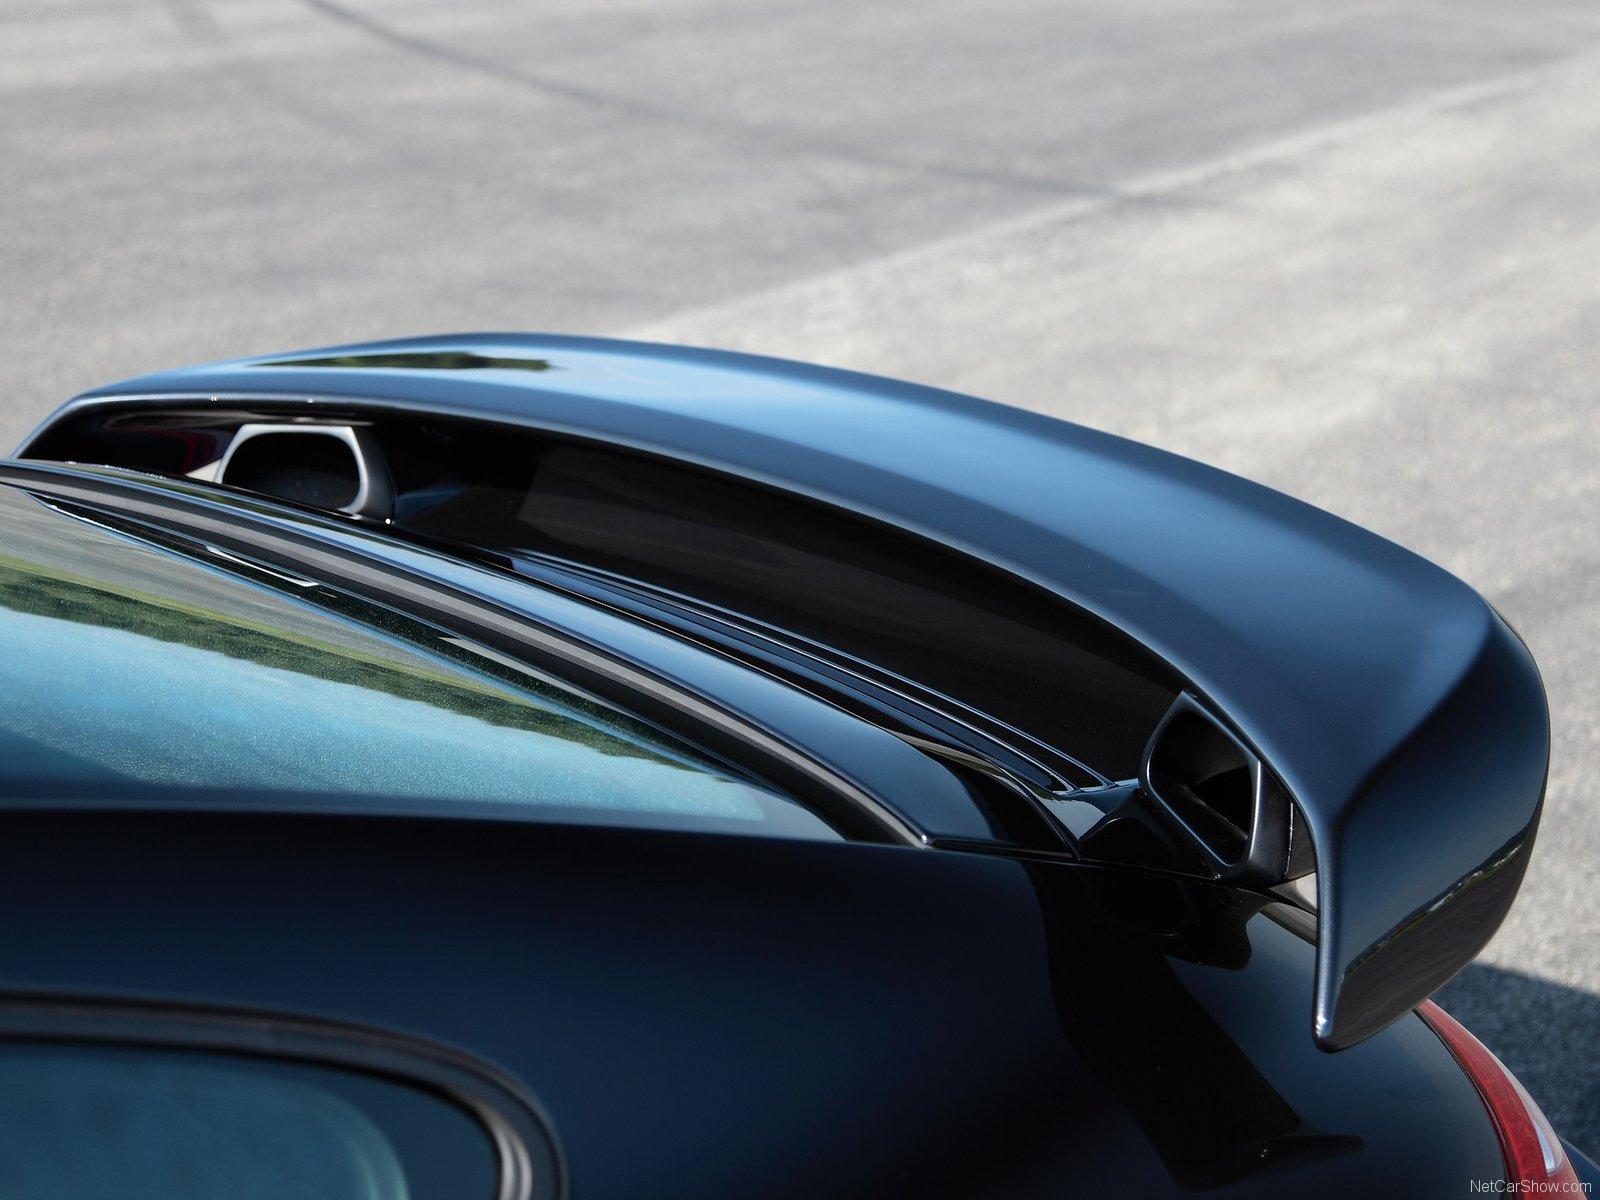 Hình ảnh xe ô tô TechArt Porsche 911 Turbo Aerokit II 2010 & nội ngoại thất